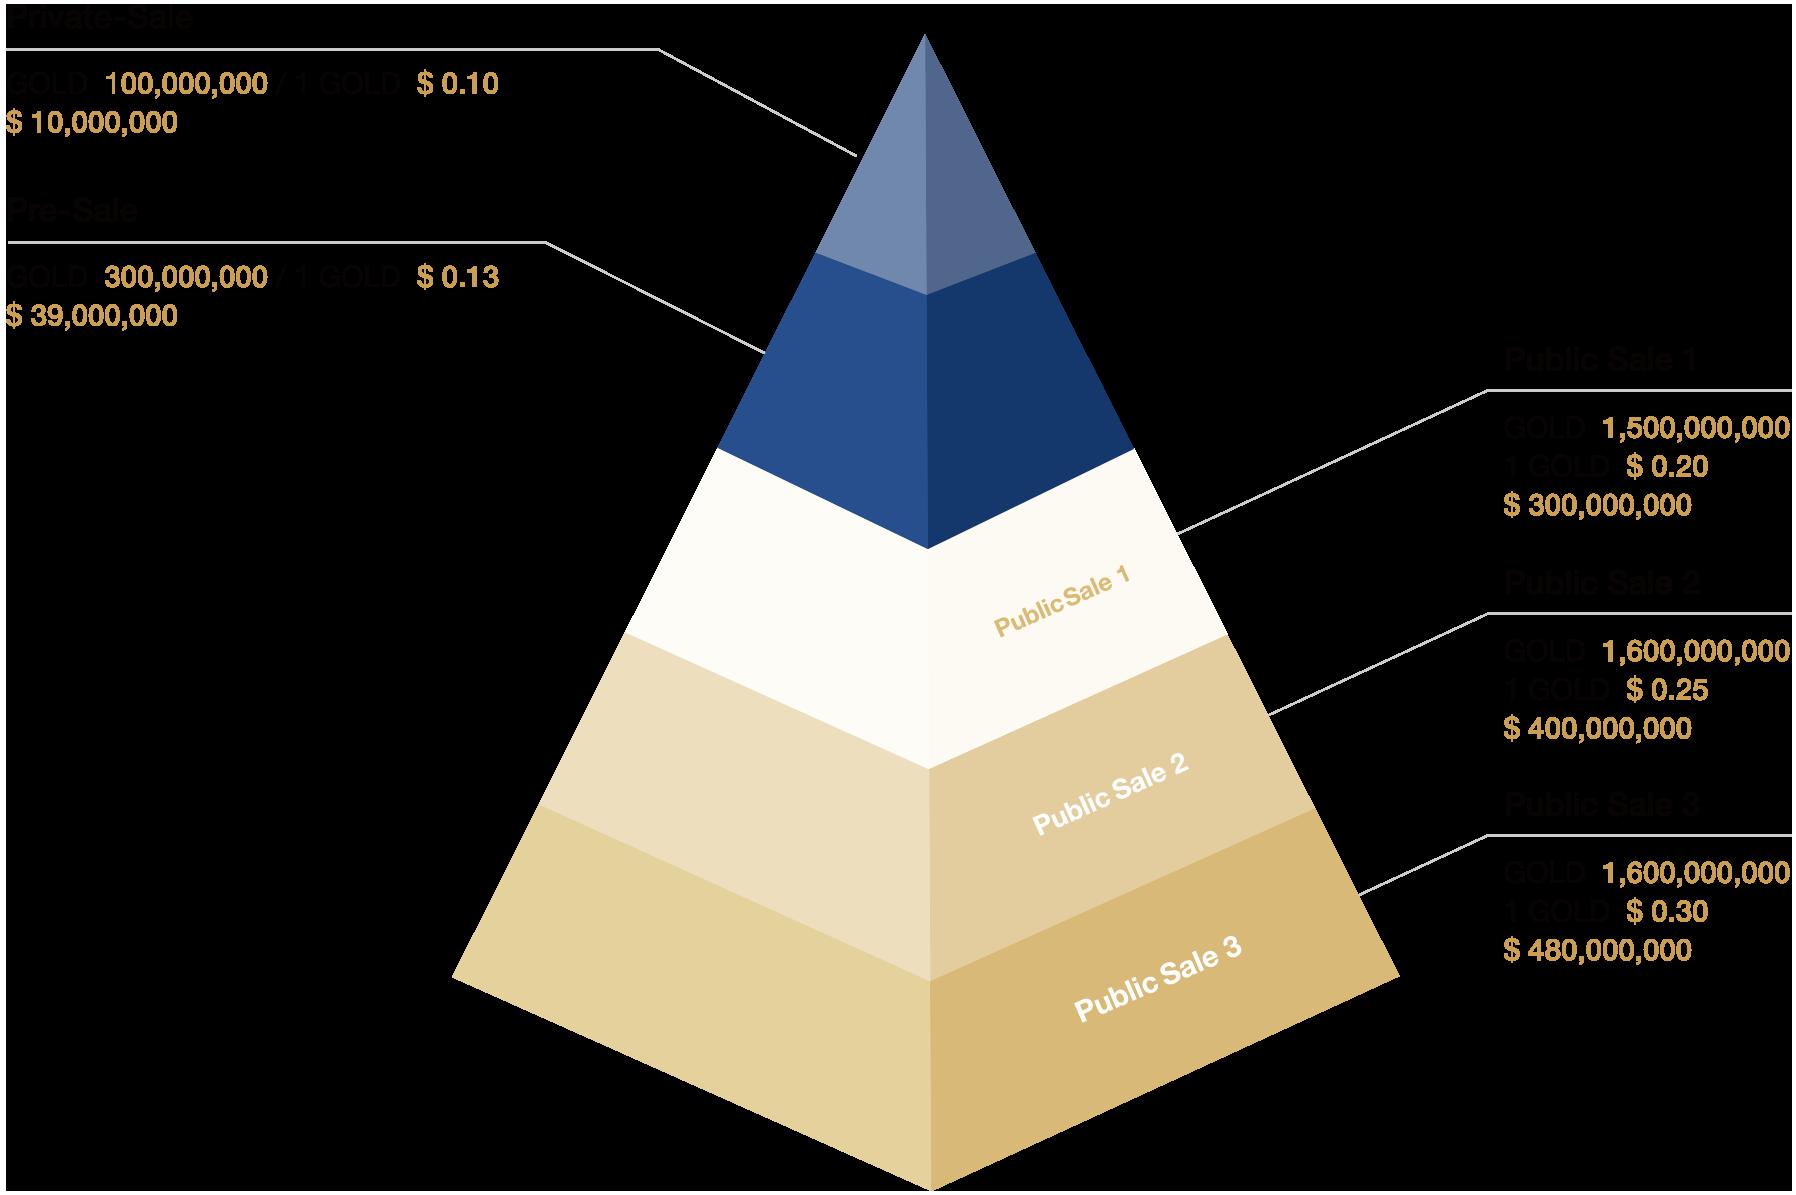 토큰 판매 피라미드